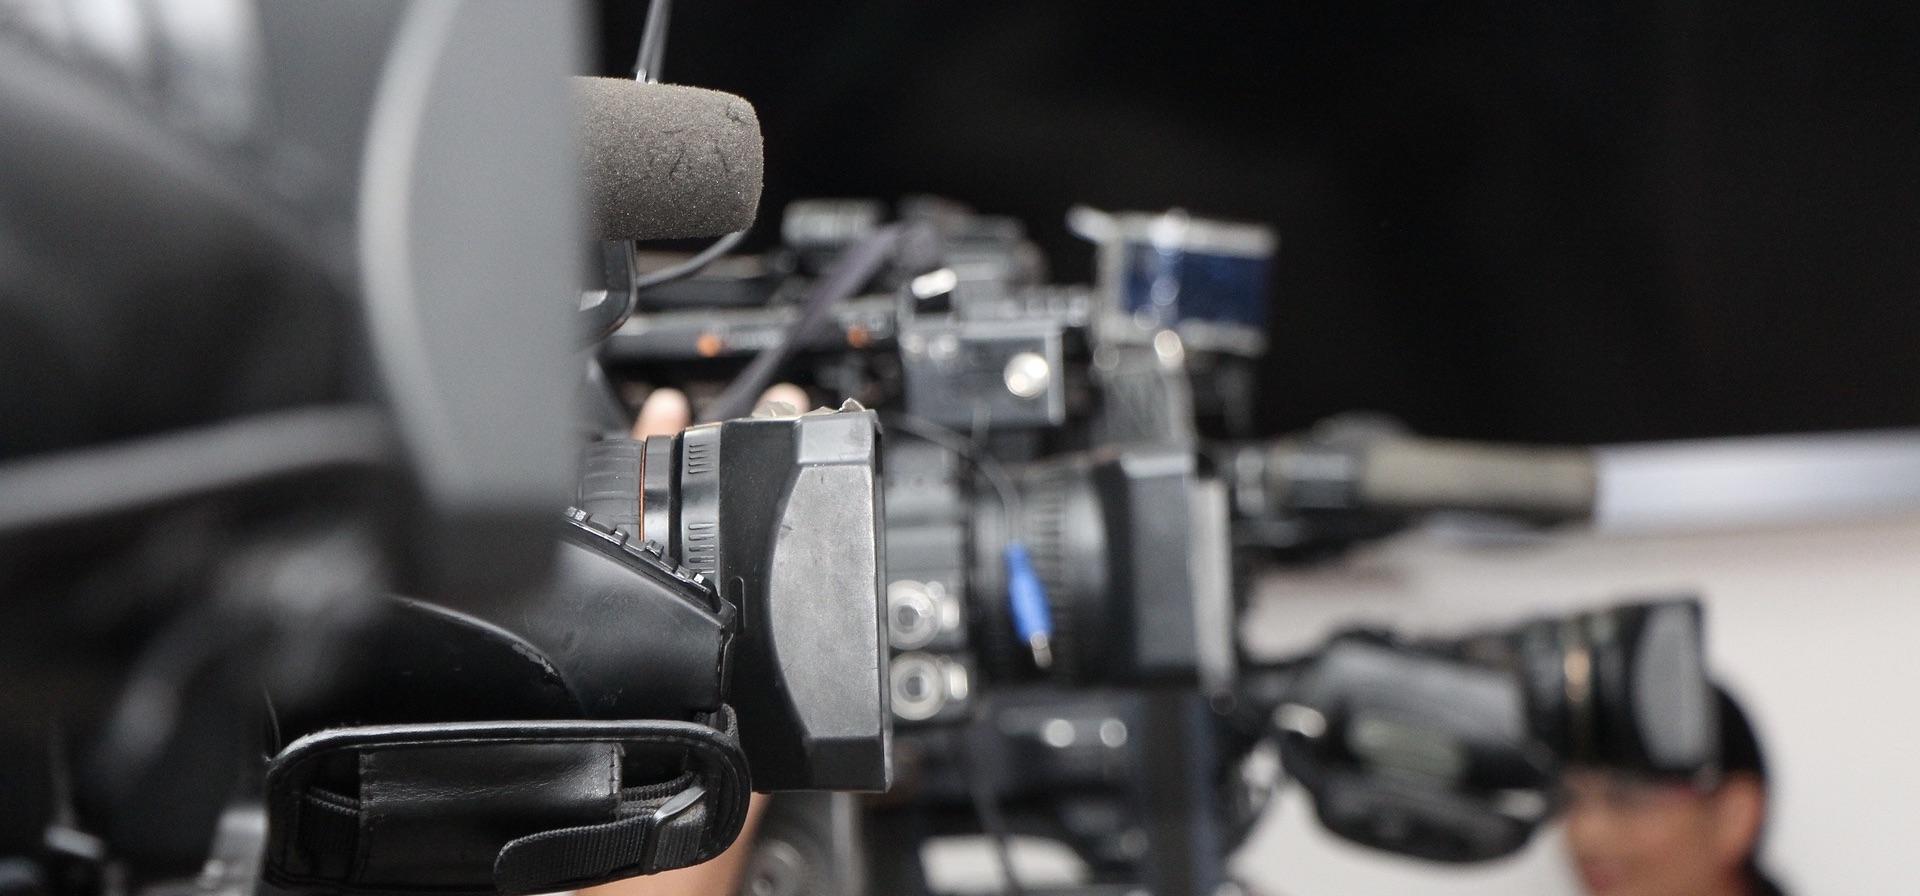 La desescalada ya permite preguntas sobre si convocar ruedas de prensa o no. El Colegio de Periodistas de Andalucía ha elaborado unas recomendaciones.